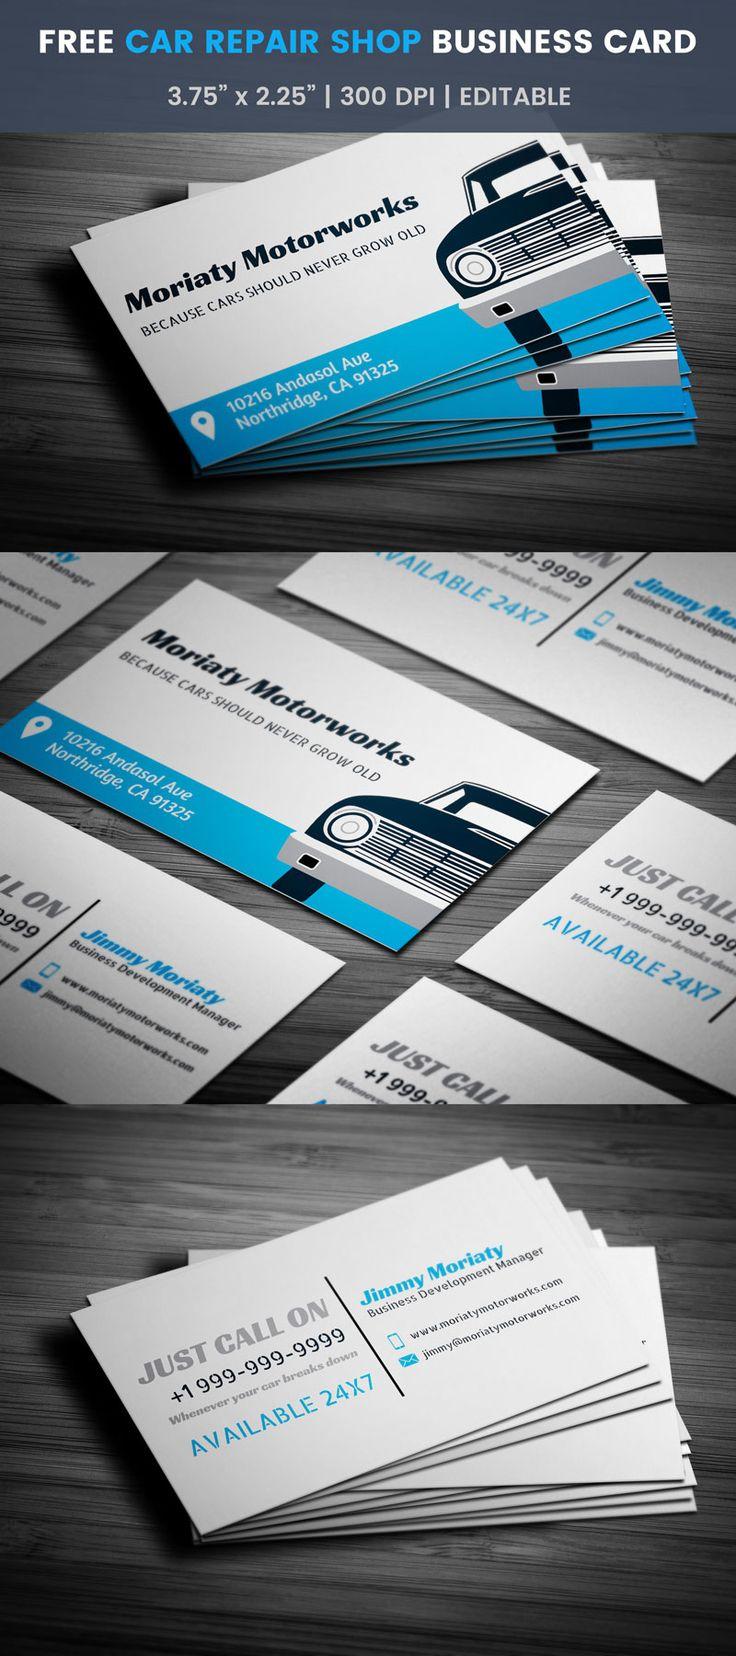 Best 25+ Car repair ideas on Pinterest | Car repair near me, Car ...